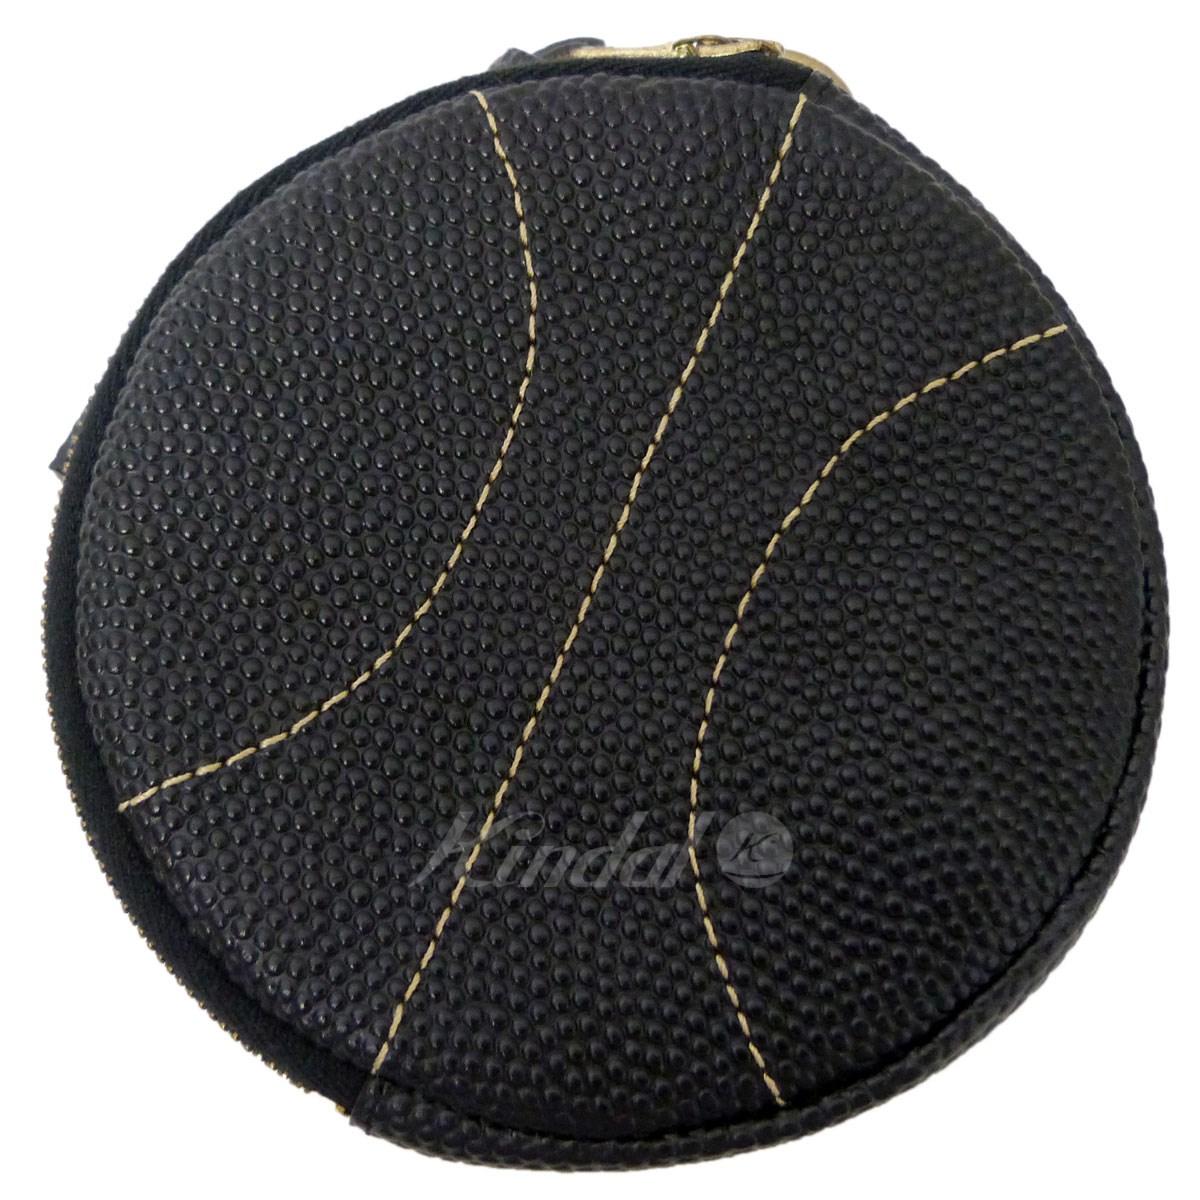 【中古】VISVIM 18AW「SIXTH MAN BASKET BALL POUTH」バスケットボールコインケース ブラック サイズ:- 【送料無料】 【251118】(ビズビム)